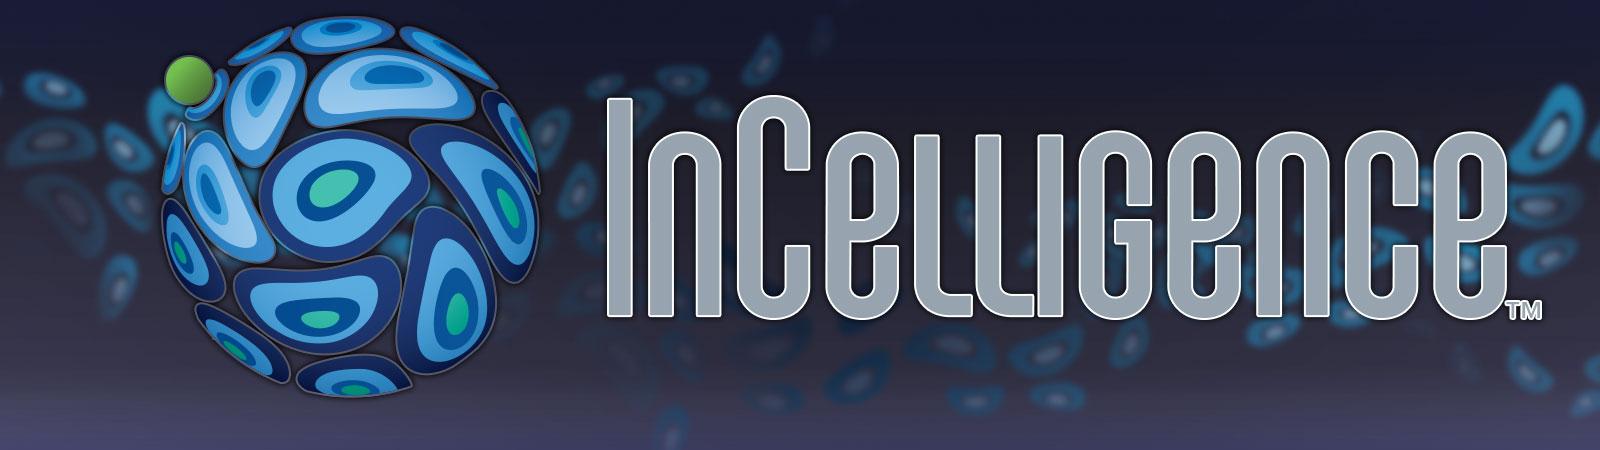 incelligence-banner